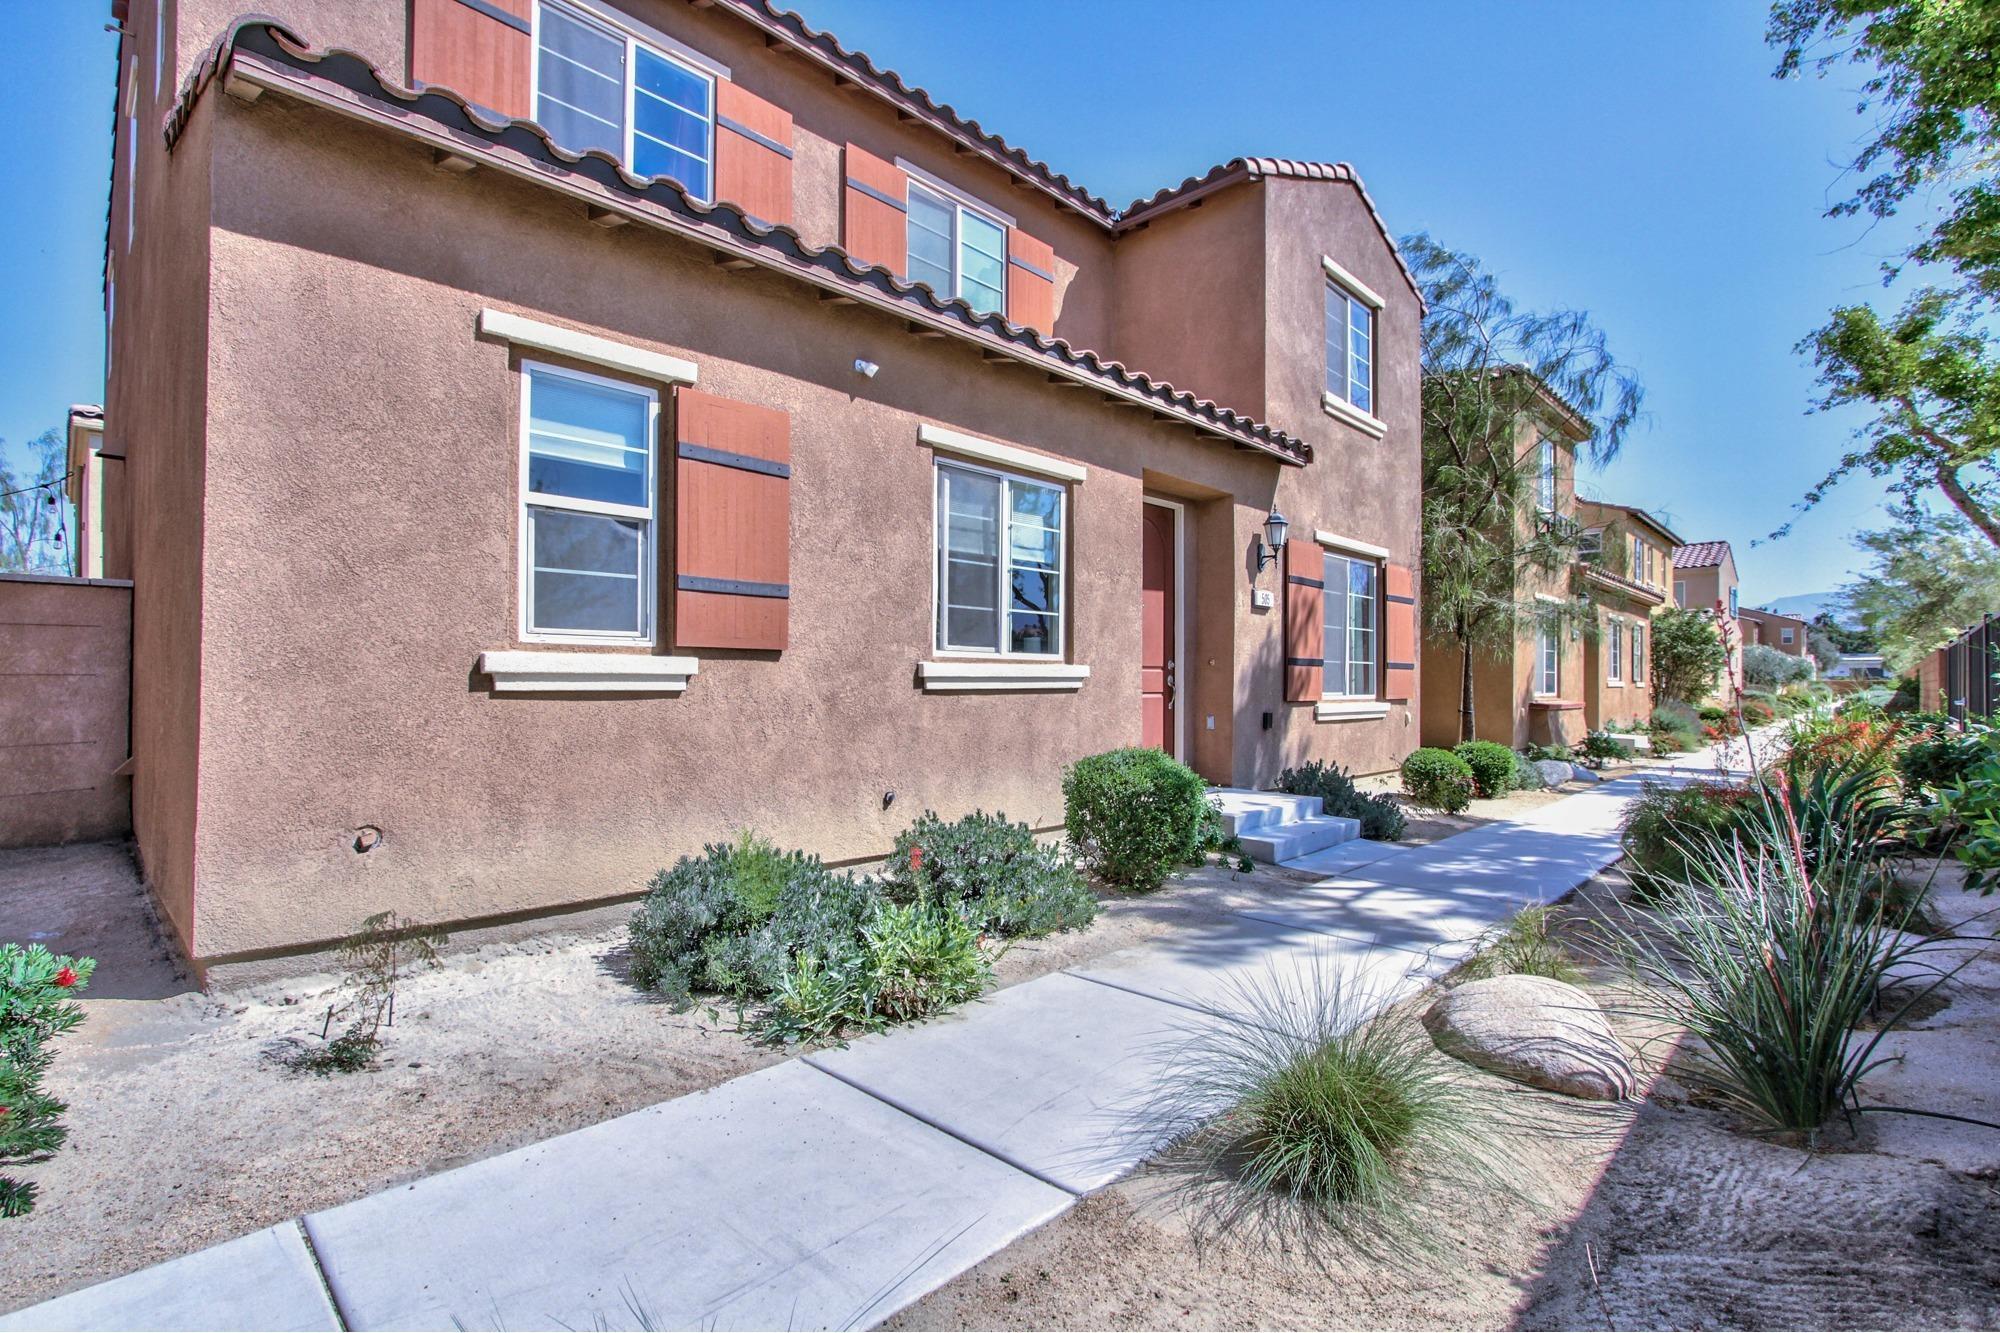 505 Via De La Paz, Palm Desert, California 92211, 4 Bedrooms Bedrooms, ,3 BathroomsBathrooms,Residential,For Sale,505 Via De La Paz,219041639